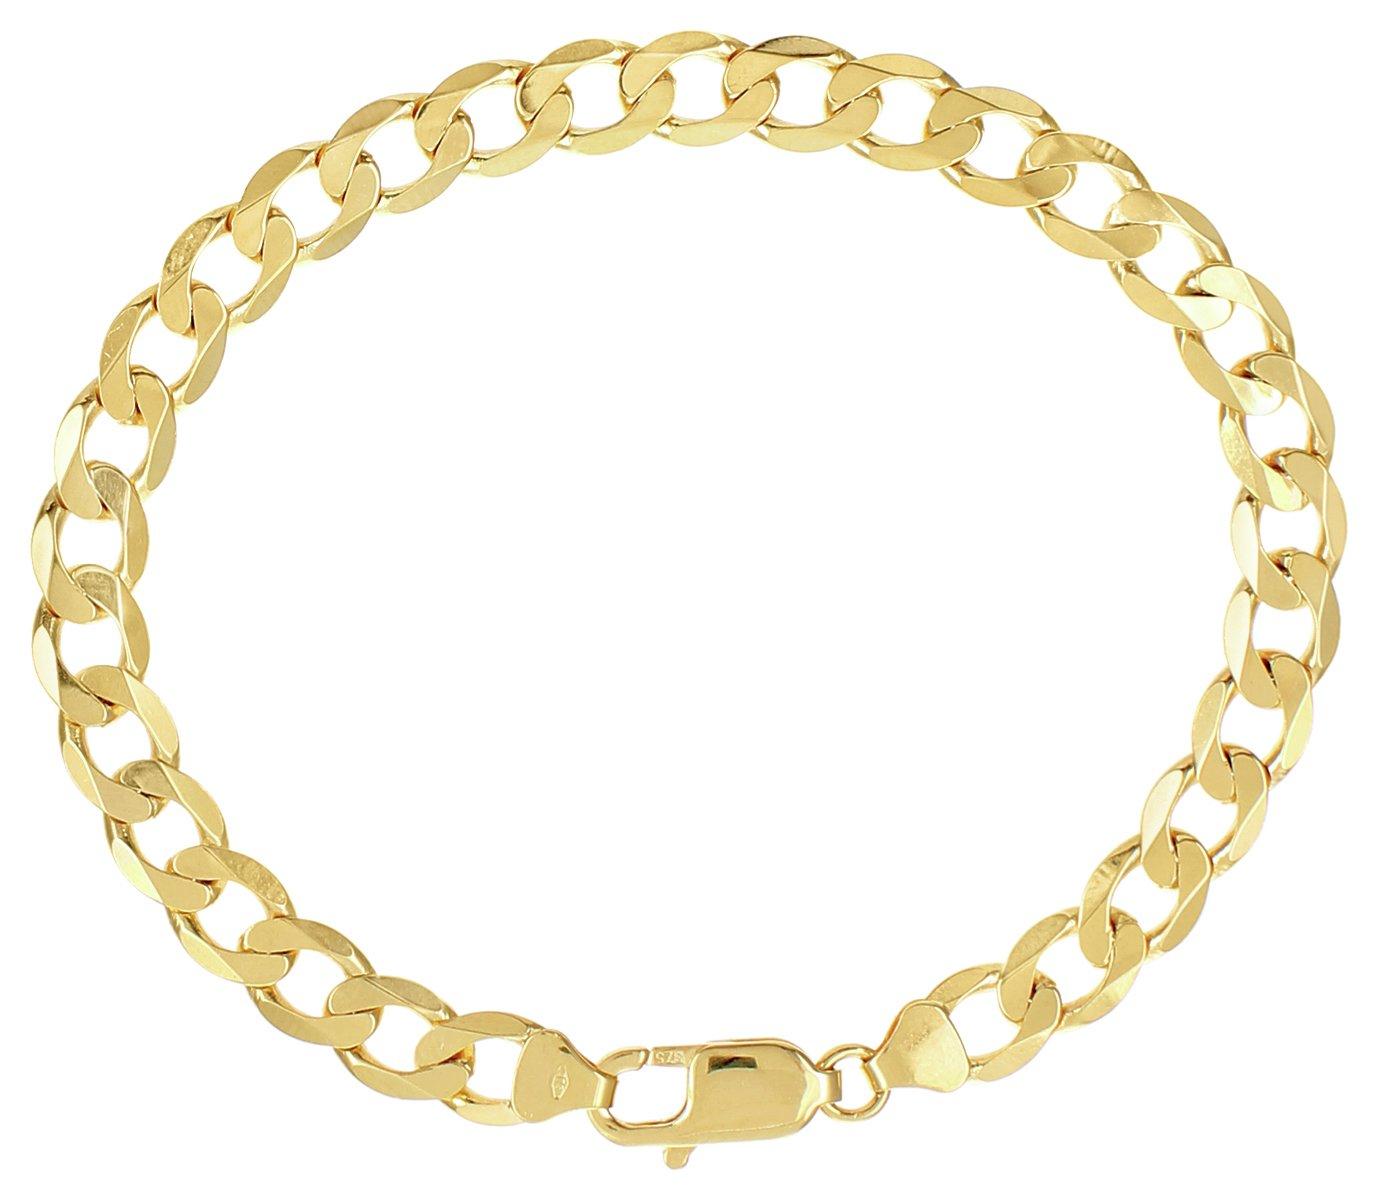 Image of 9 Carat Gold - 7.25 inch Curb Bracelet.